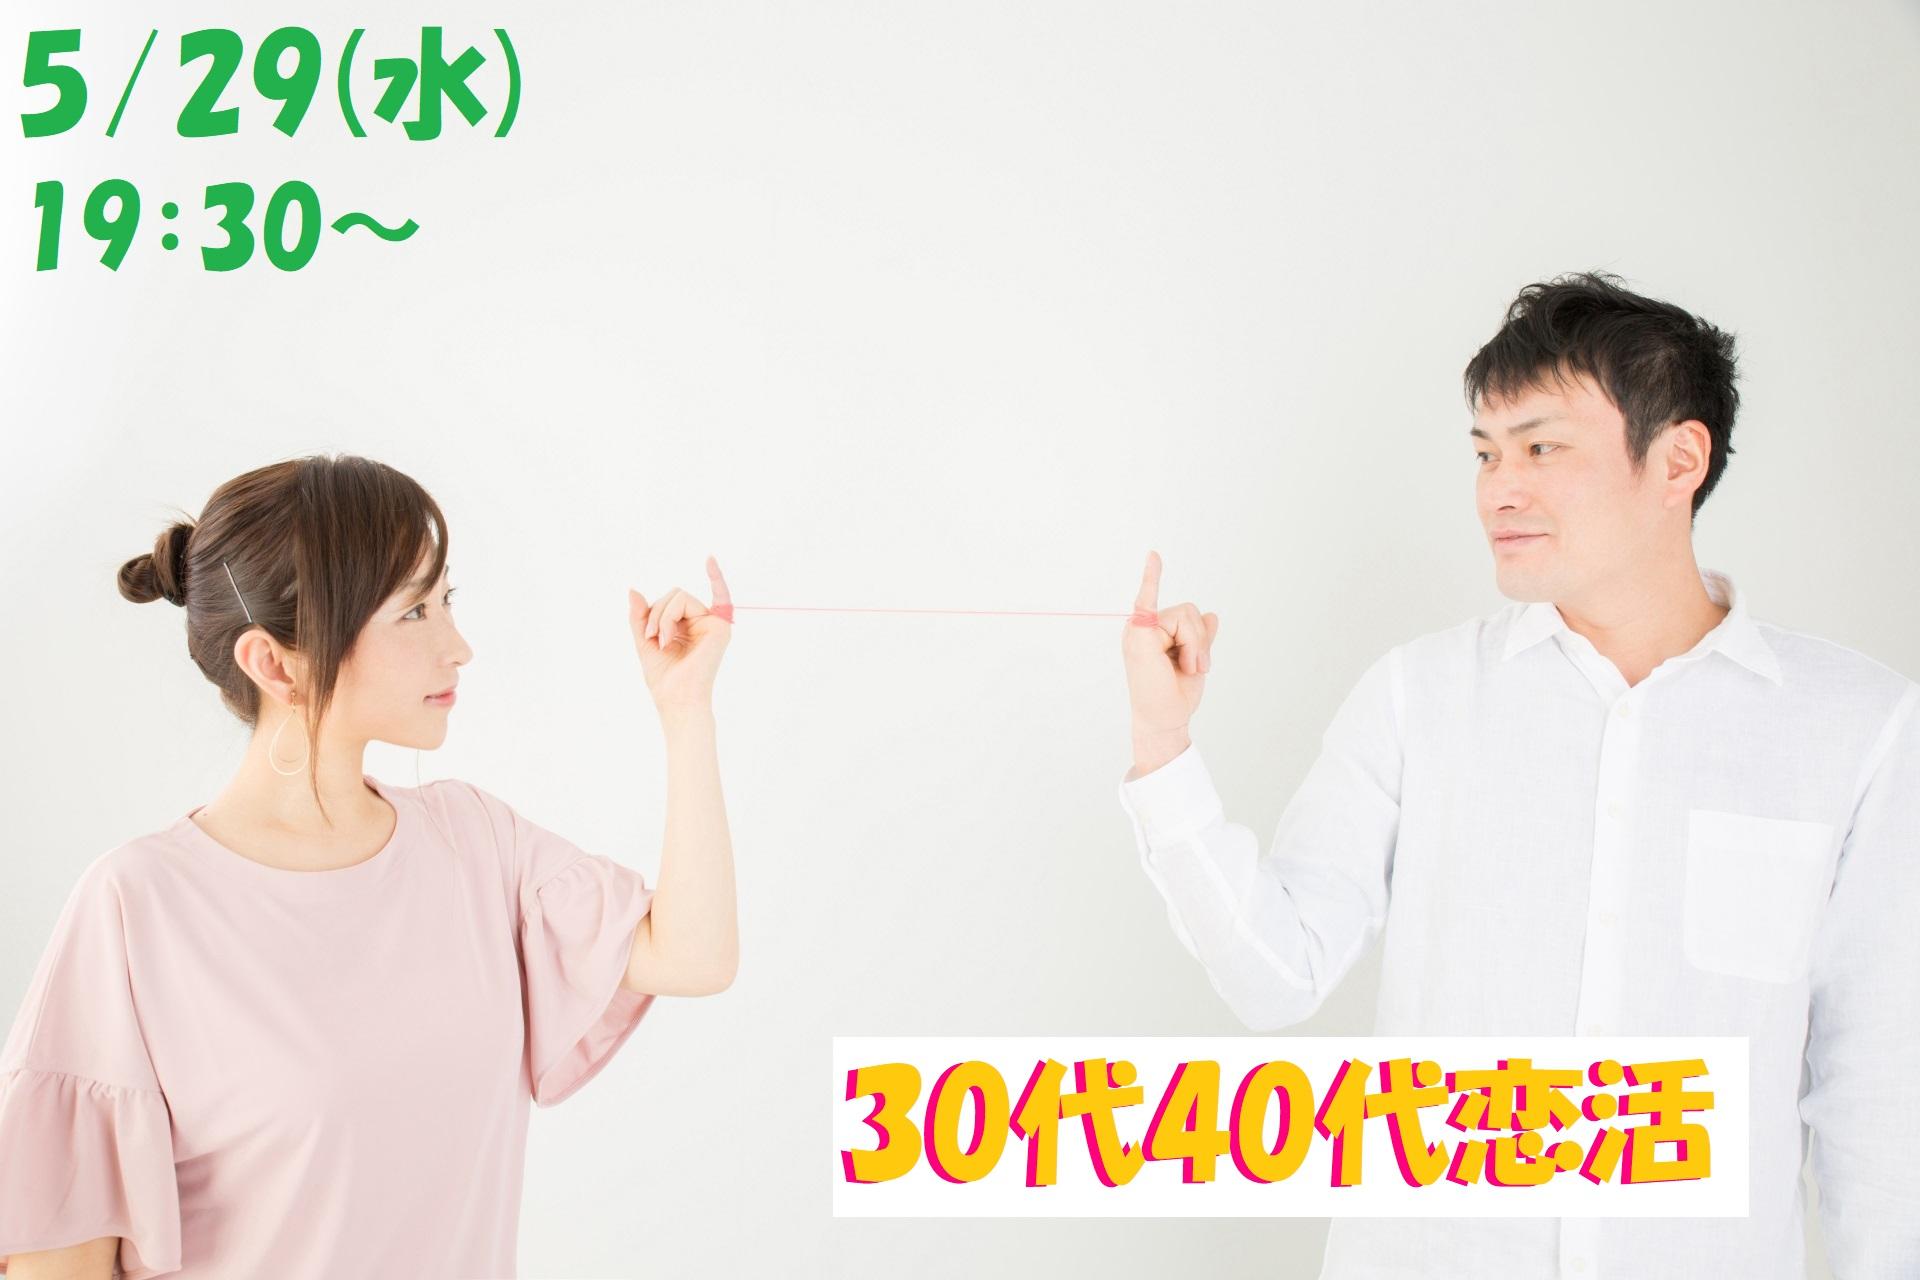 【終了】5月29日(水)19時30分~【30代40代中心】友達から!30代40代恋活!